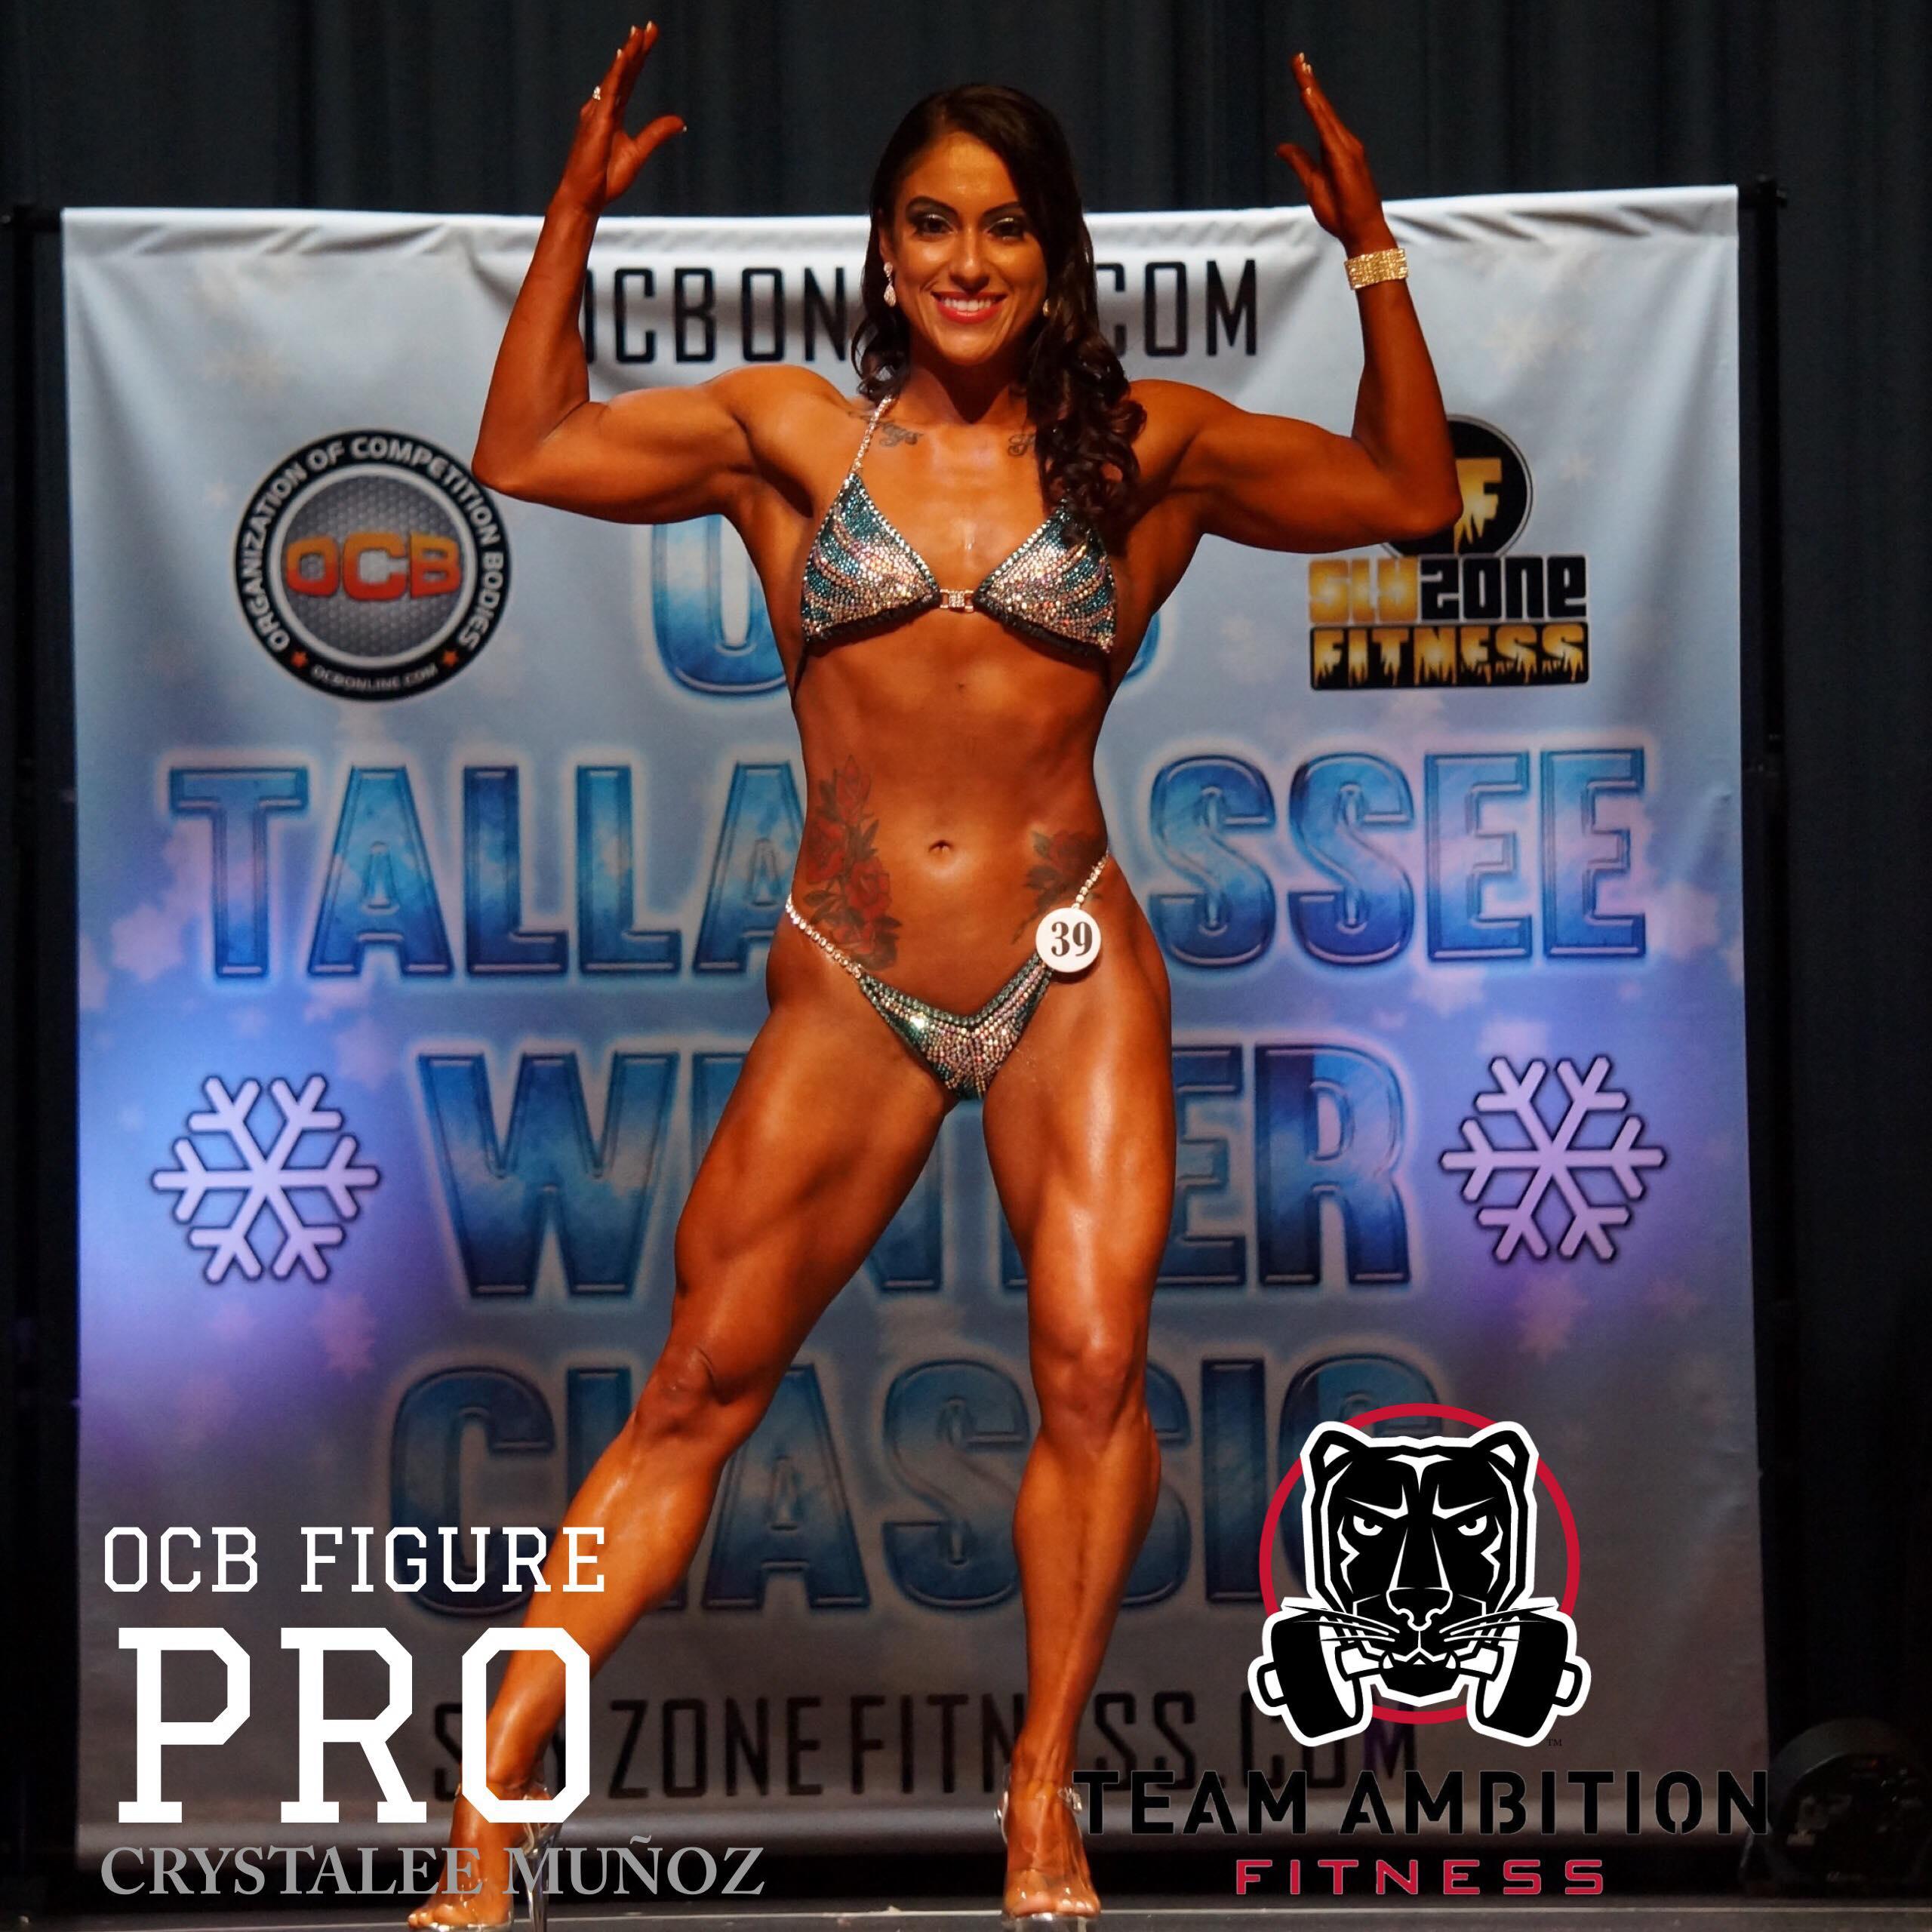 Crystalee: OCB Figure Pro